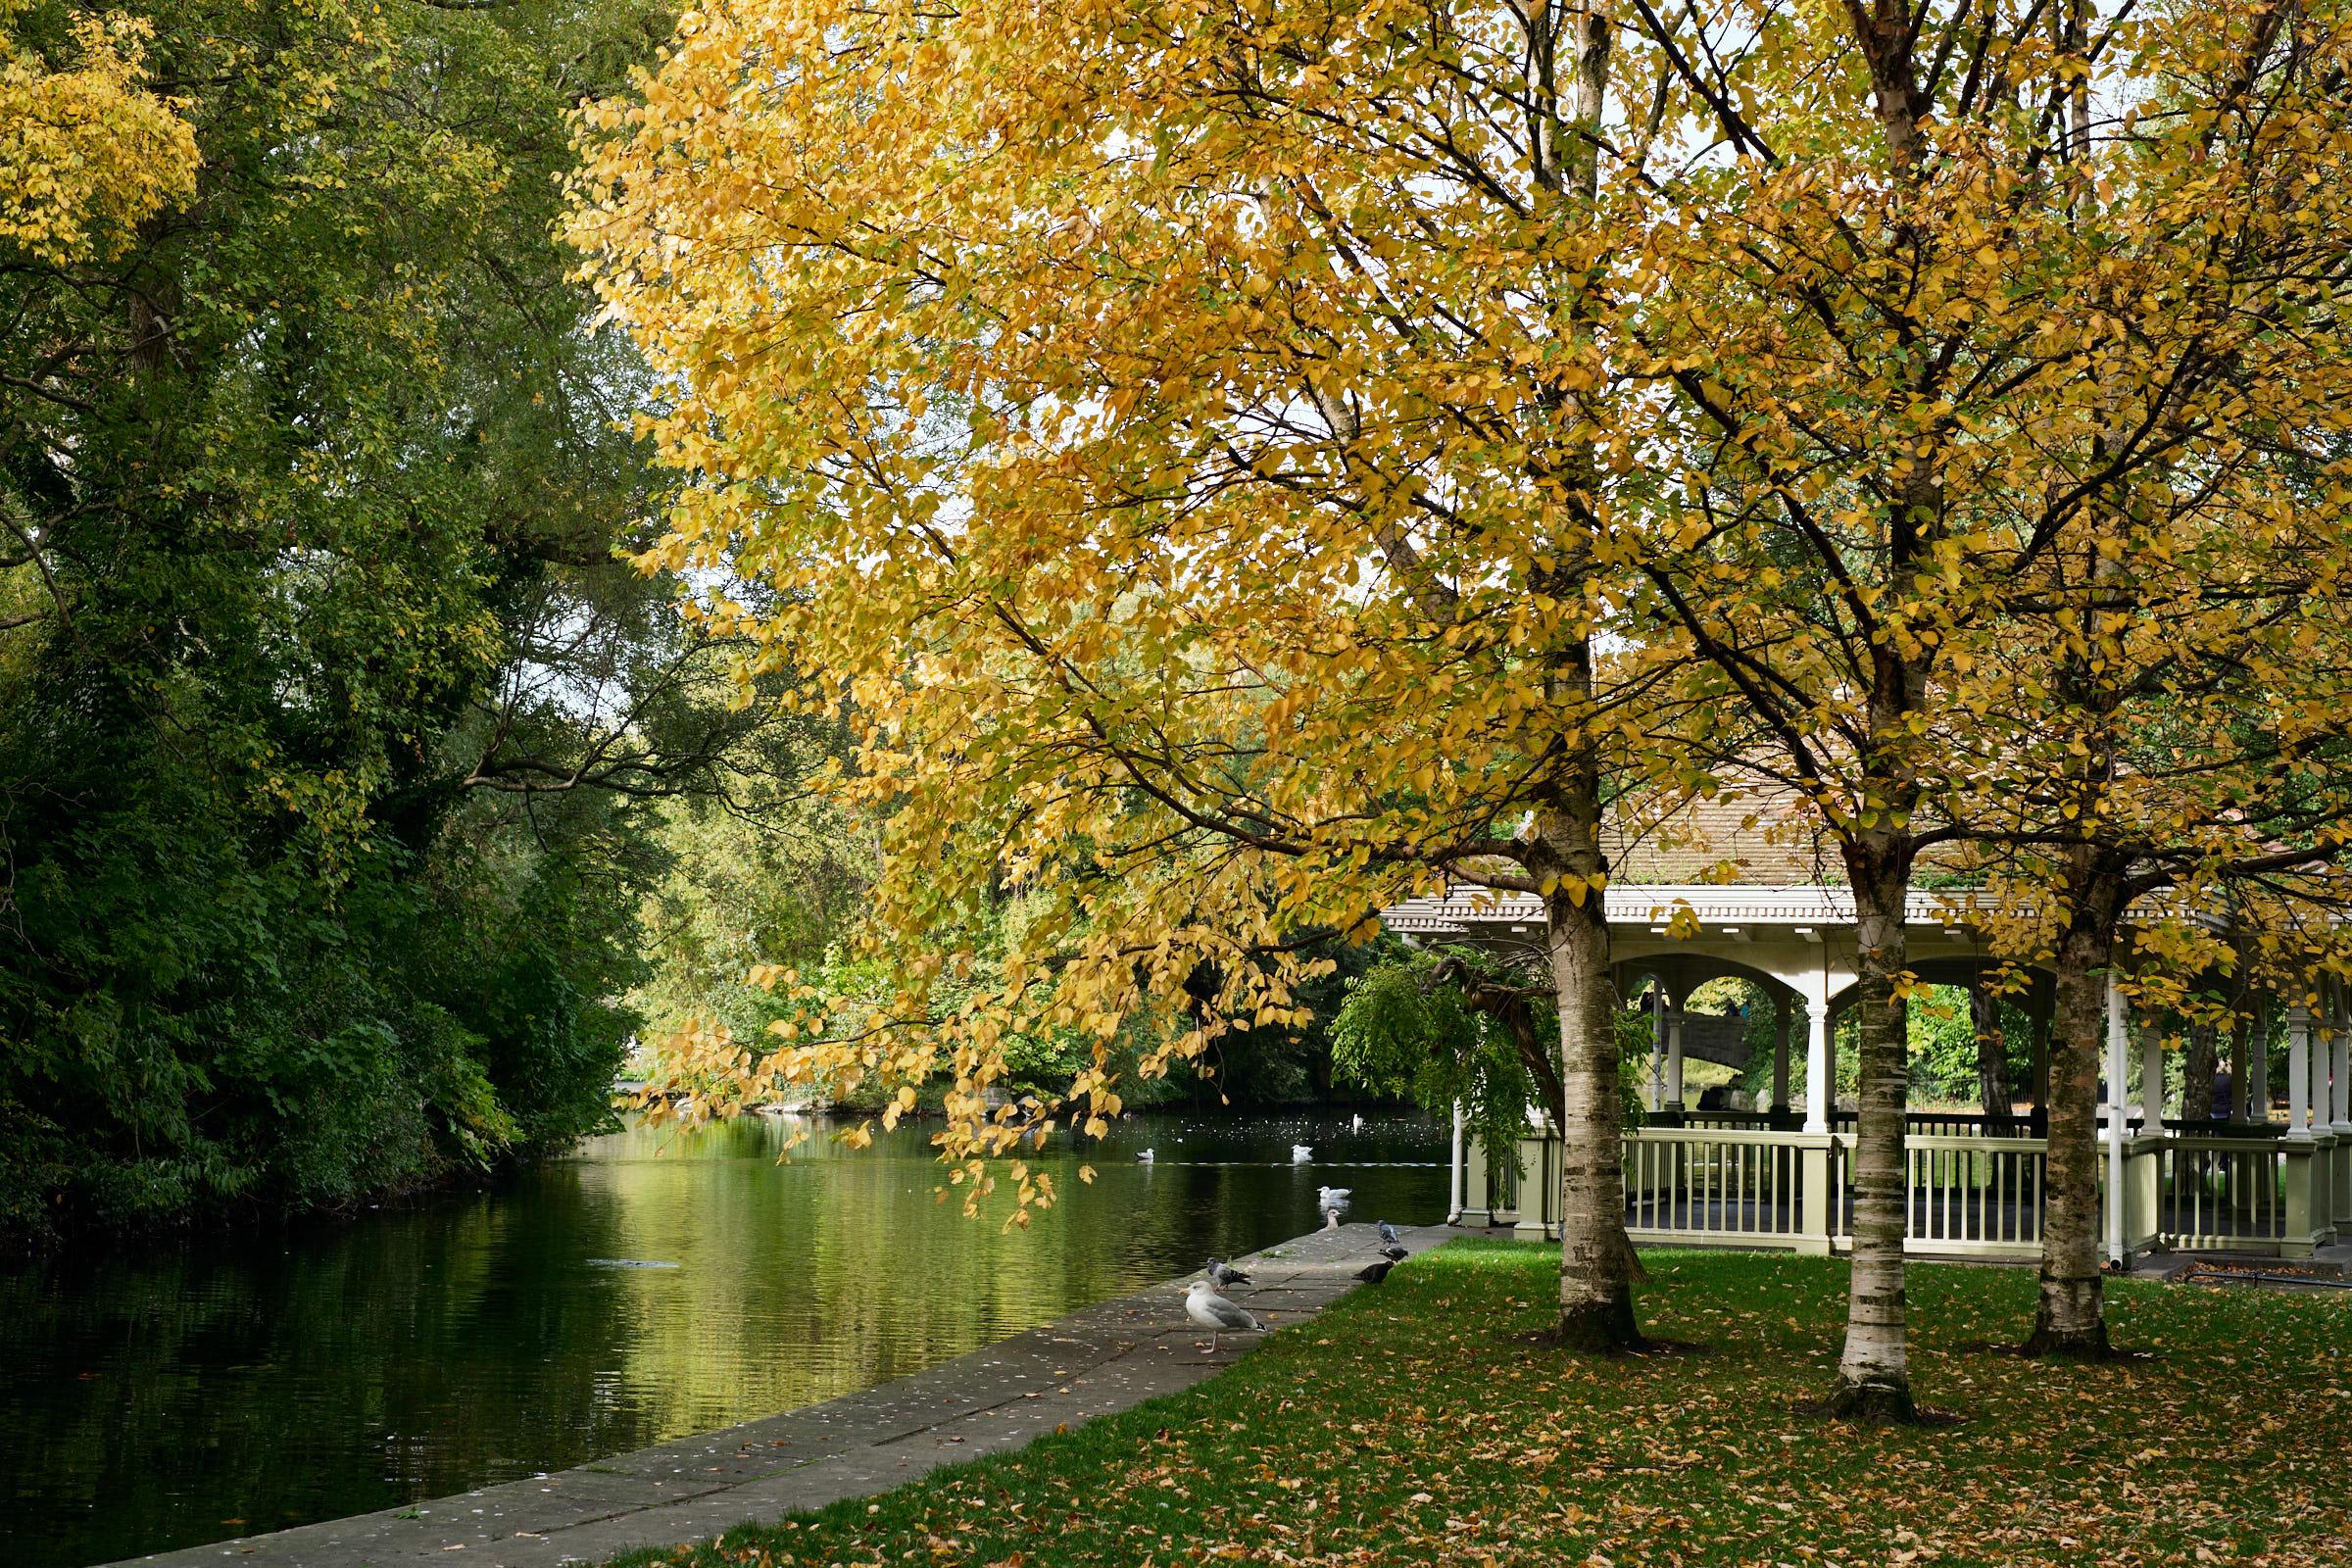 Street-and-park-autumn-393-Jpeg for Web.jpg